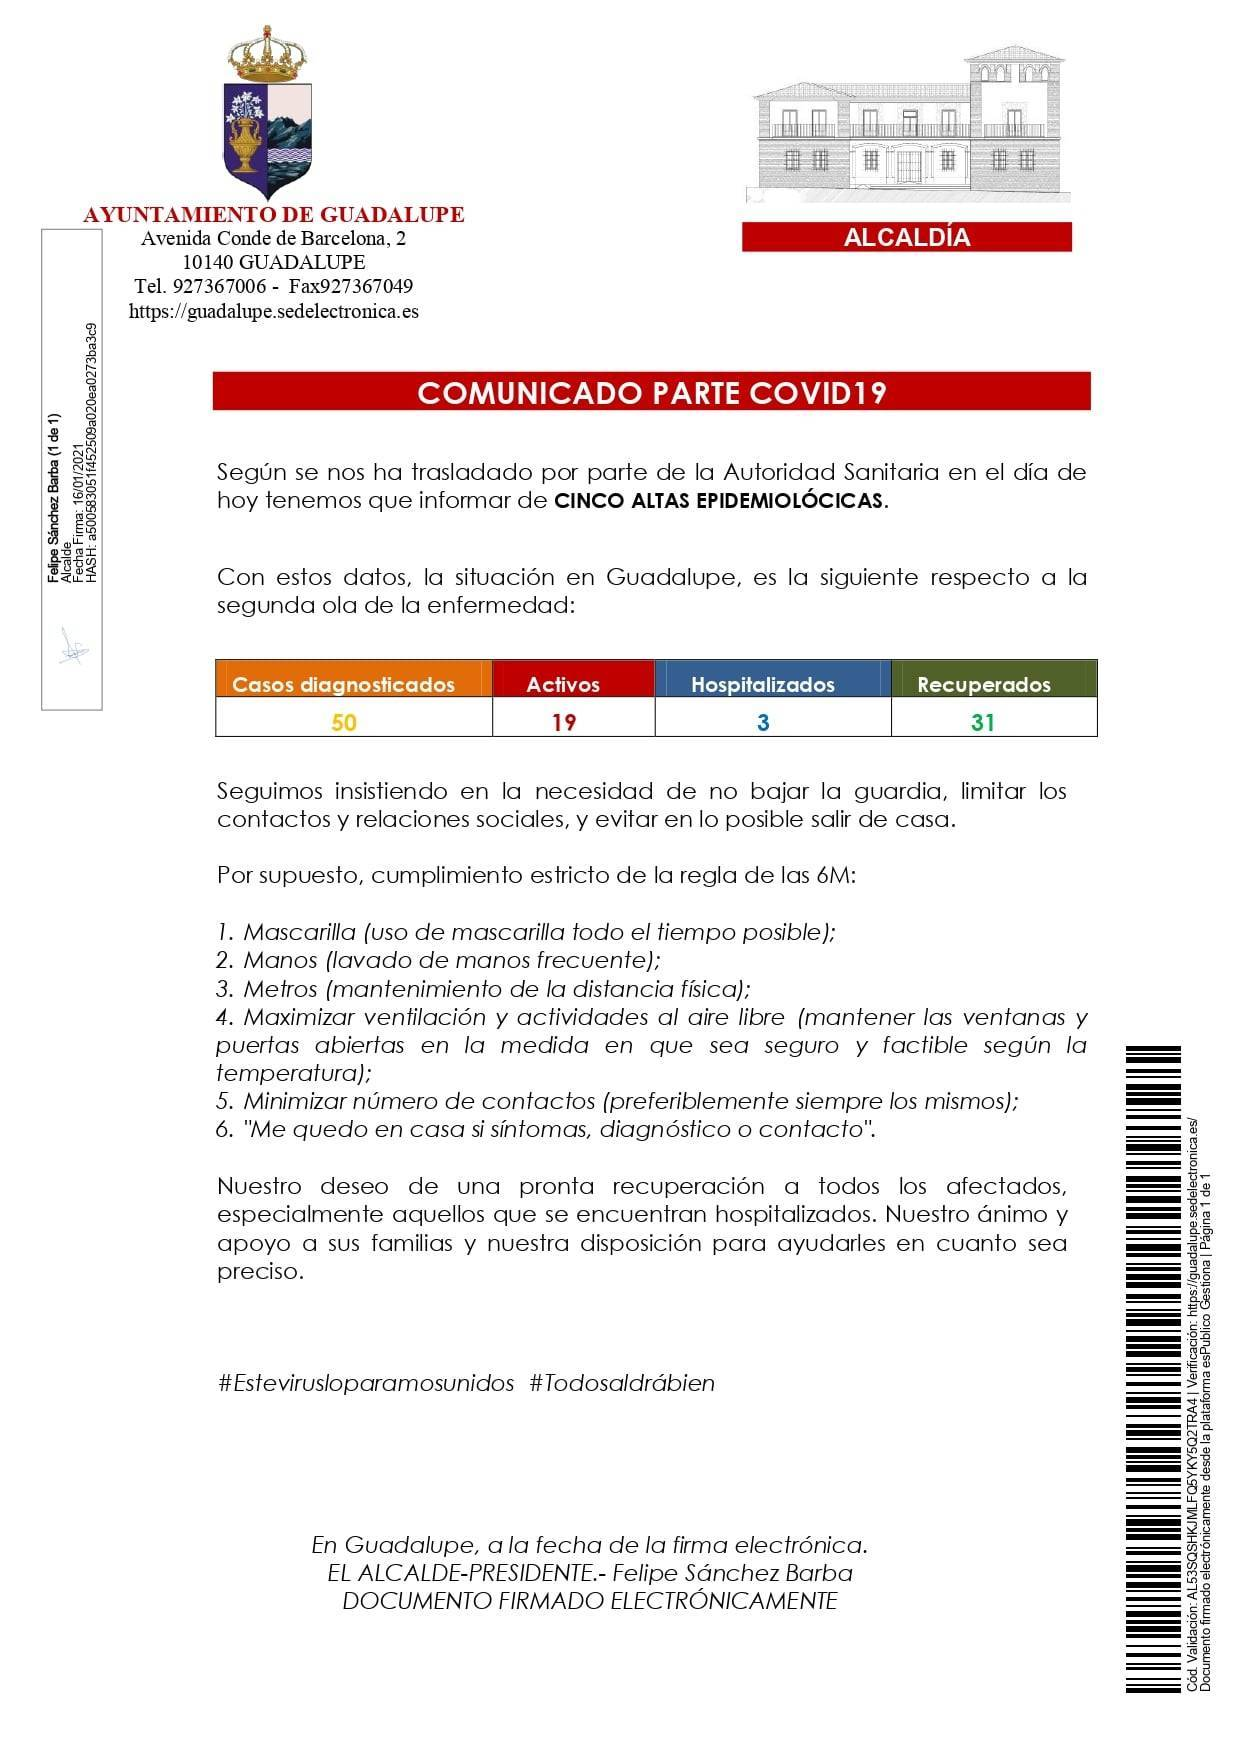 Nuevo hospitalizado y 7 altas de COVID-19 (enero 2021) - Guadalupe (Cáceres) 1